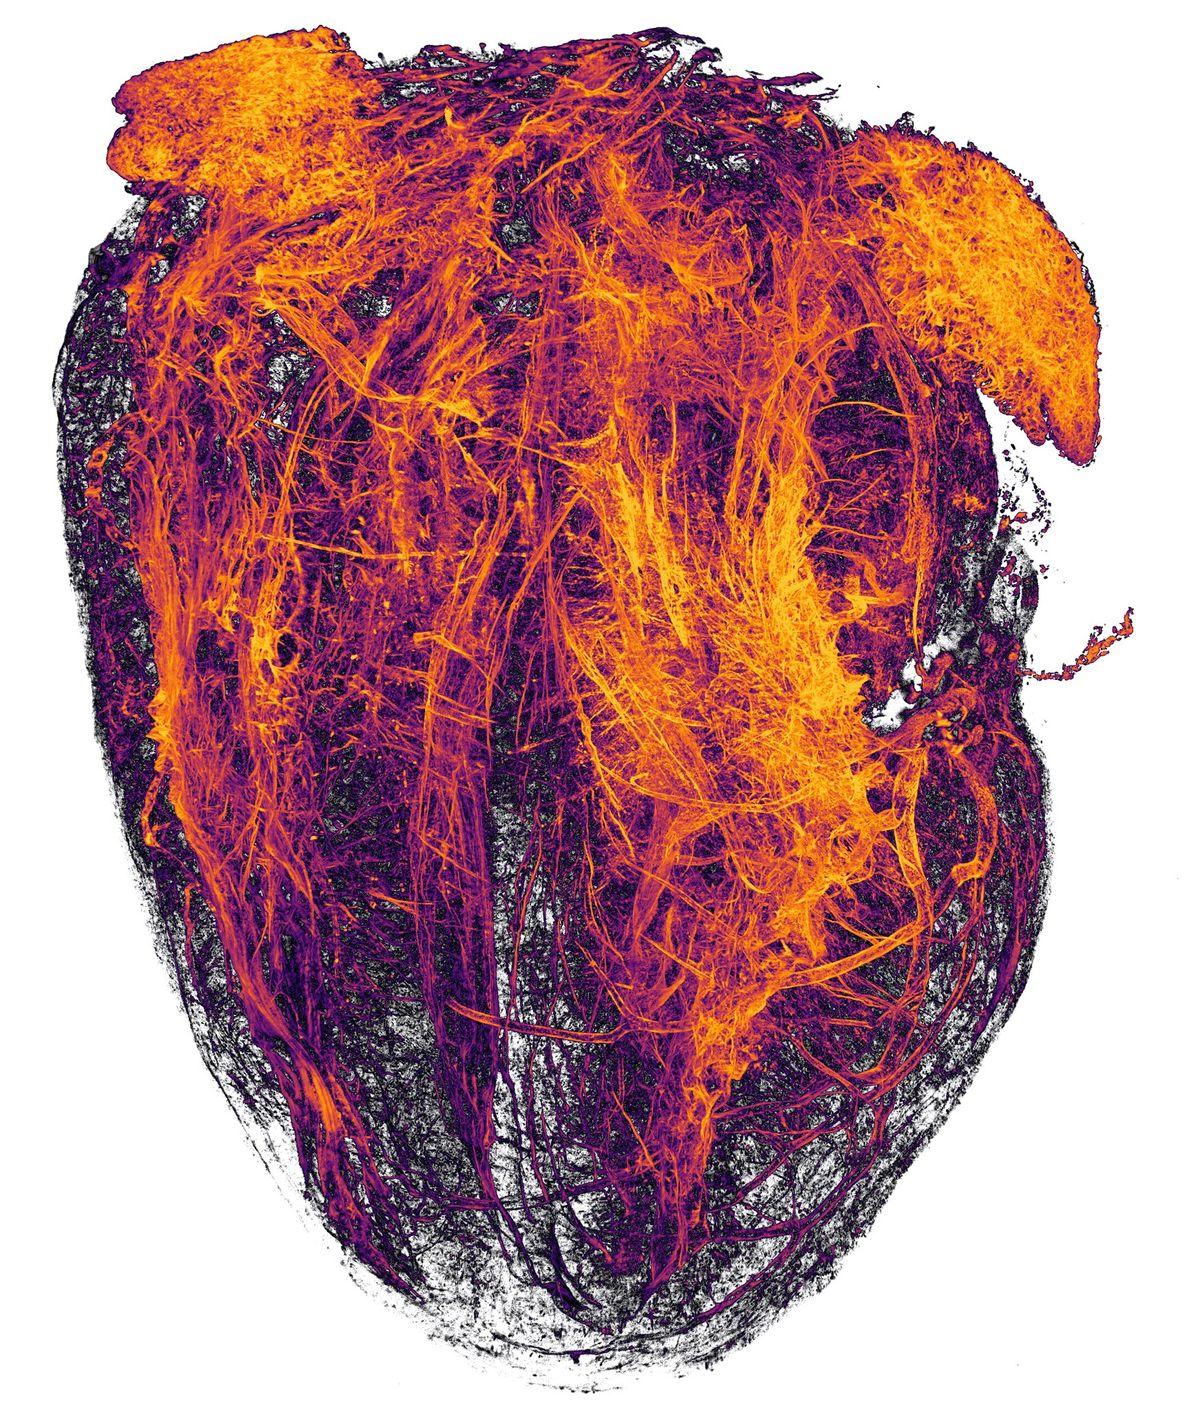 Estos zarcillos naranja fuego, fotografiados por investigadores de University Hospital Essen, son vasos sanguíneos del corazón ...